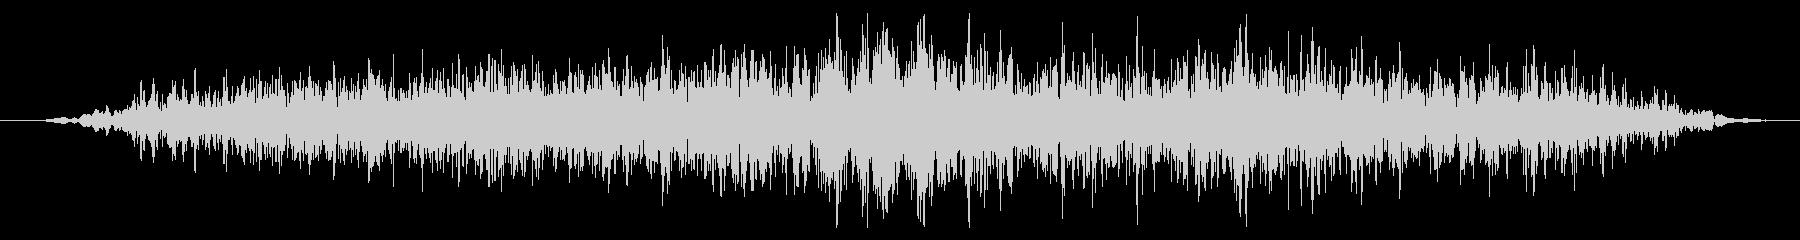 ワーム モンスター ゲーム スキルの未再生の波形